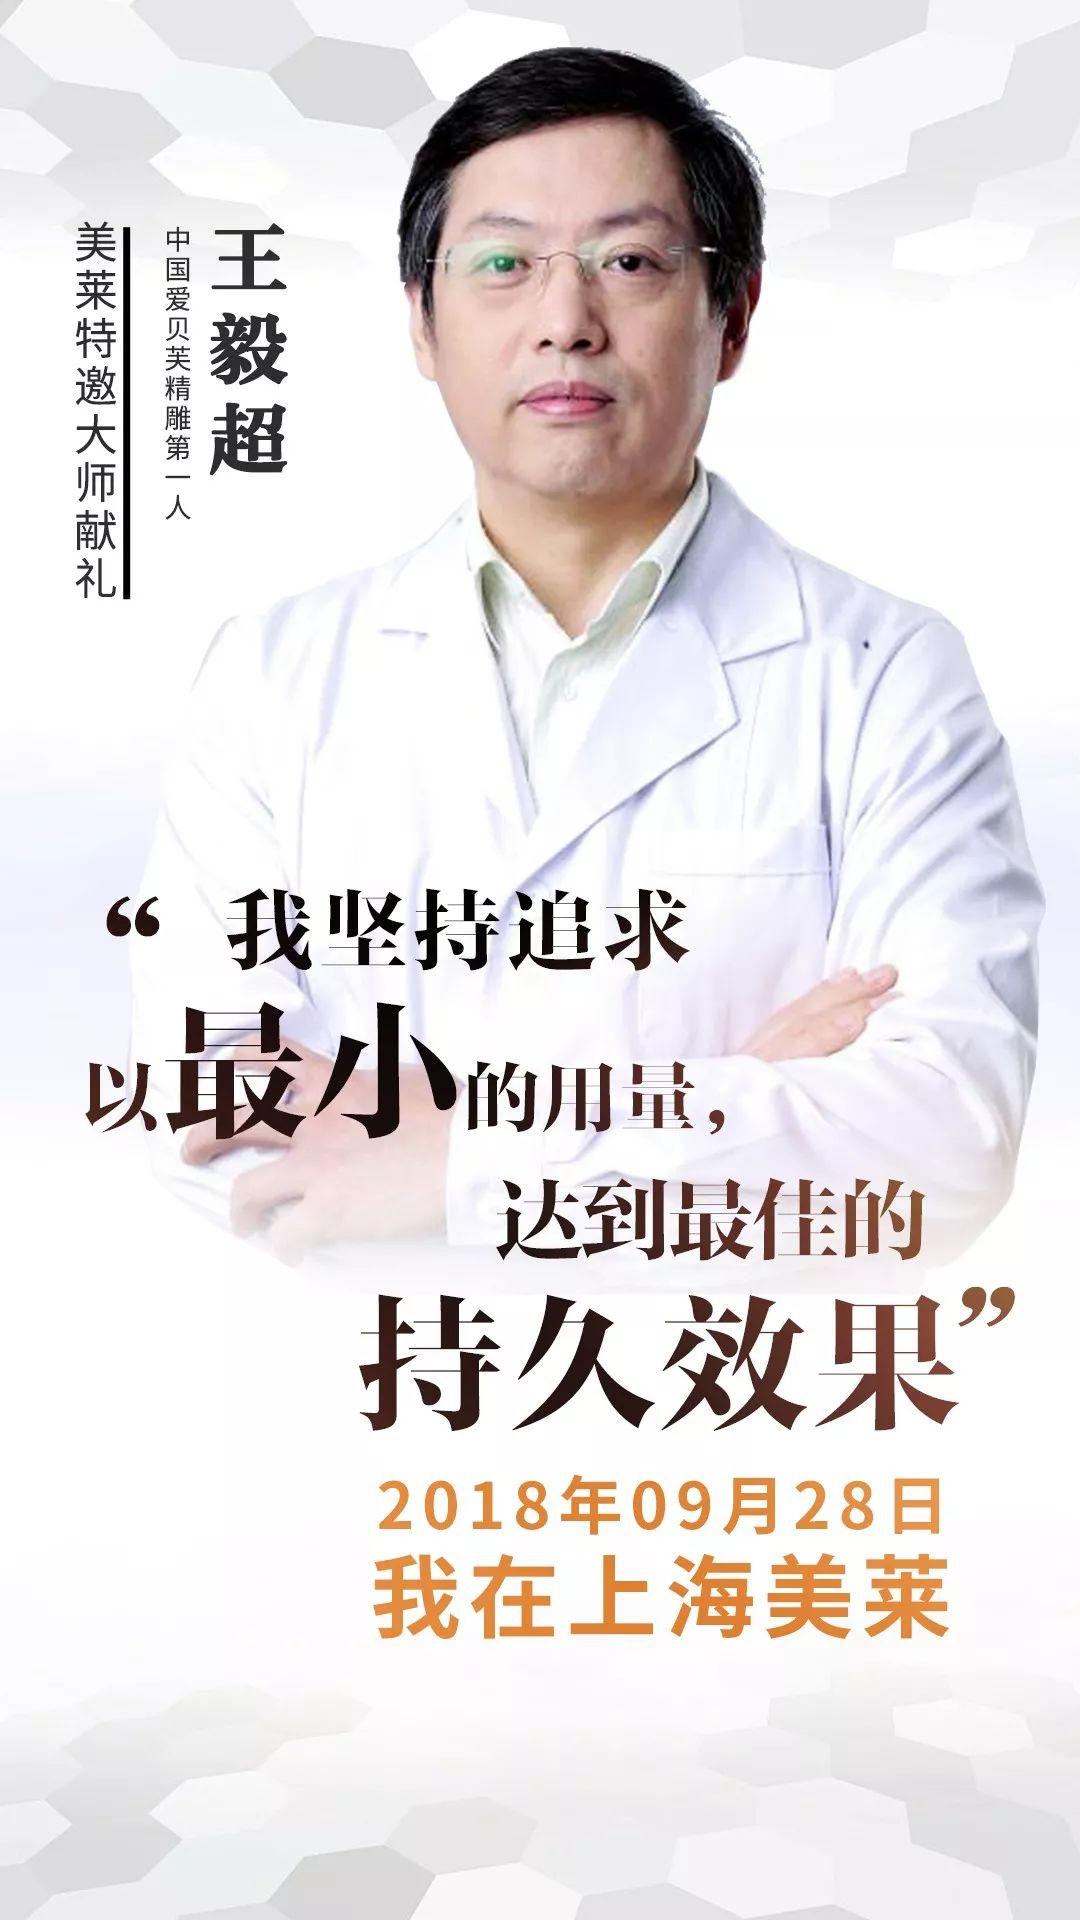 专家坐诊 2018年9月28日王毅超教授坐诊上海美莱~